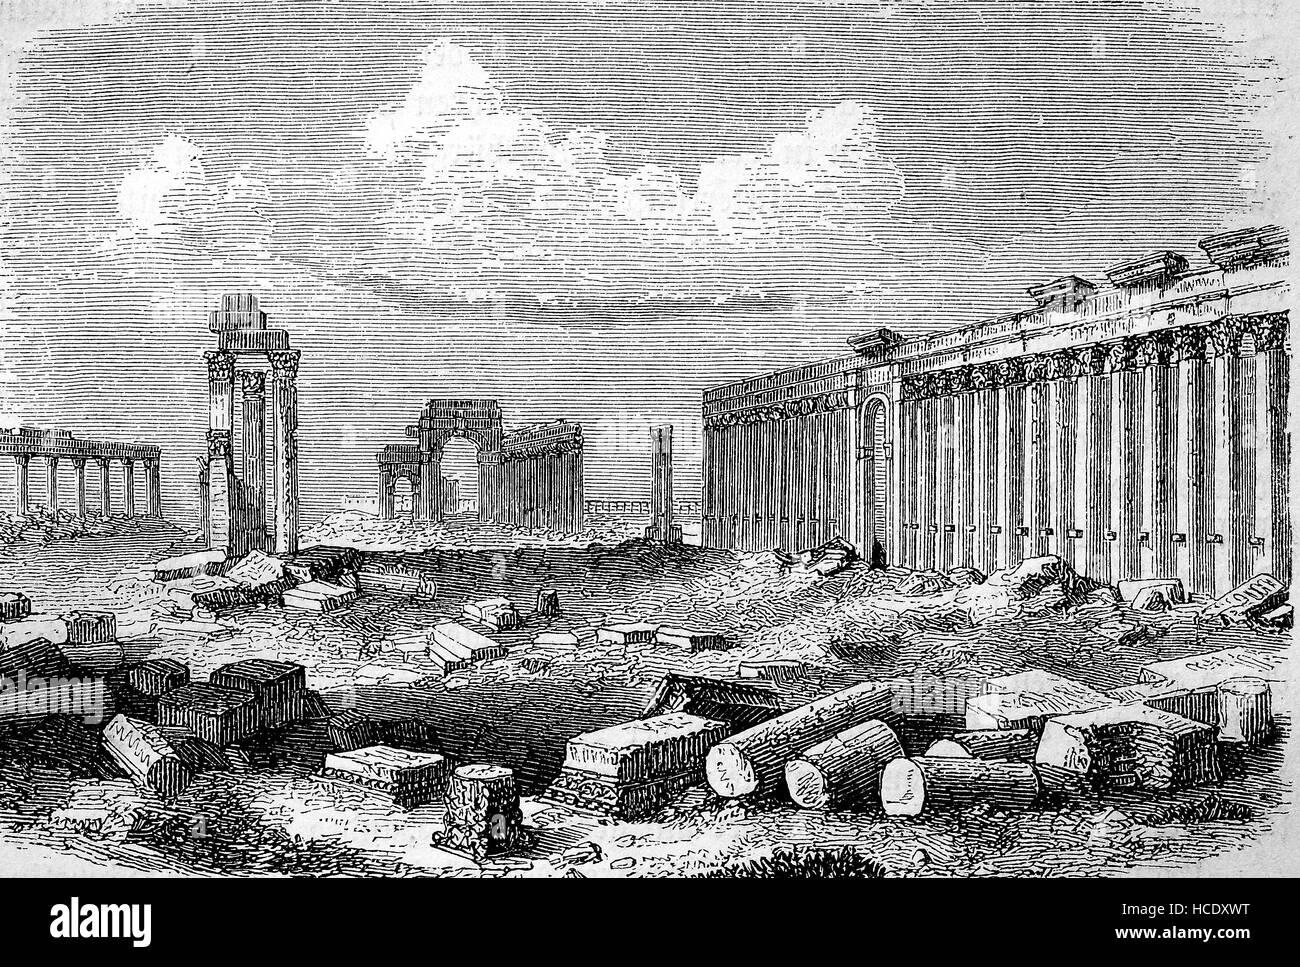 Le rovine di Palmyra, Siria, 300 AD, la storia di Roma antica, l'impero romano, Italia Immagini Stock